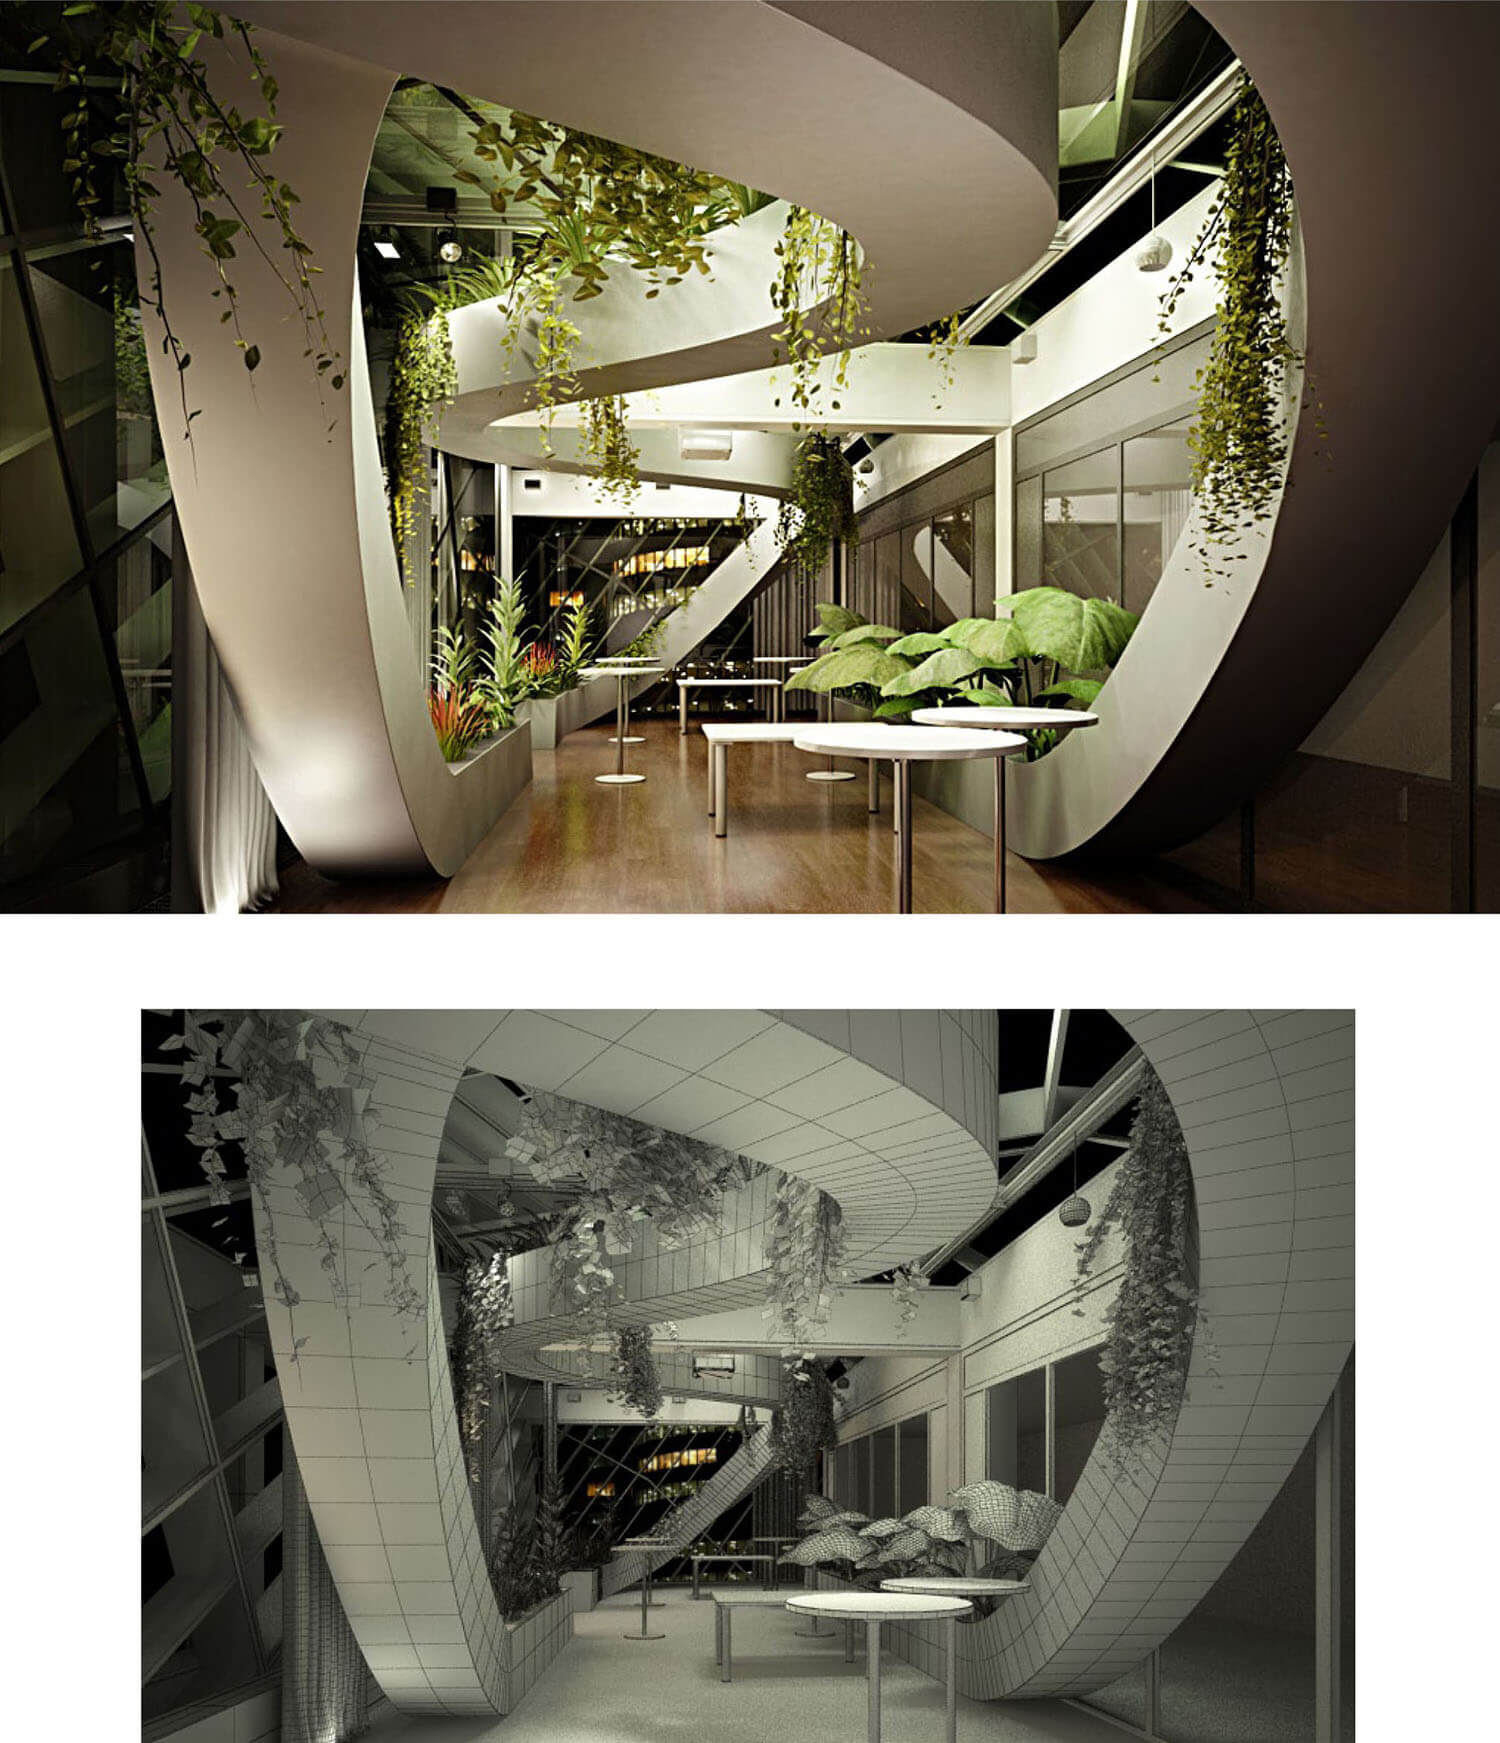 Thiết kế không gian nhà hàng đẹp và nghệ thuật